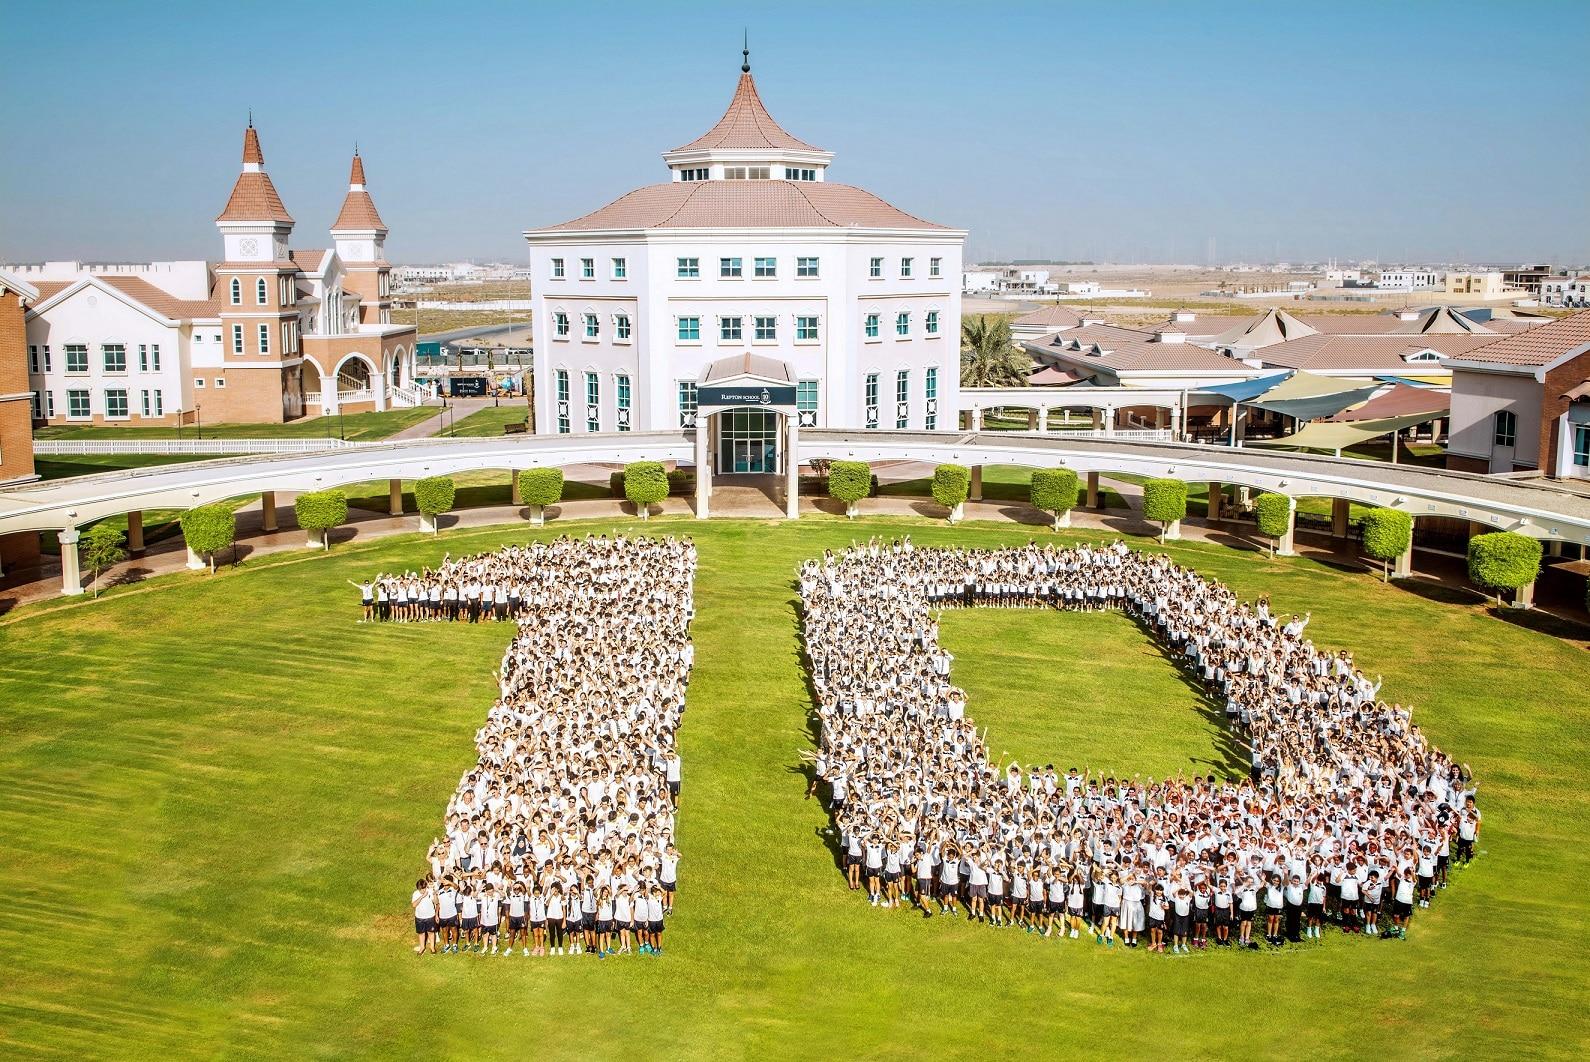 جشن دهمین سال آموزش در مدرسه رپتون دبی - بهروزسیر